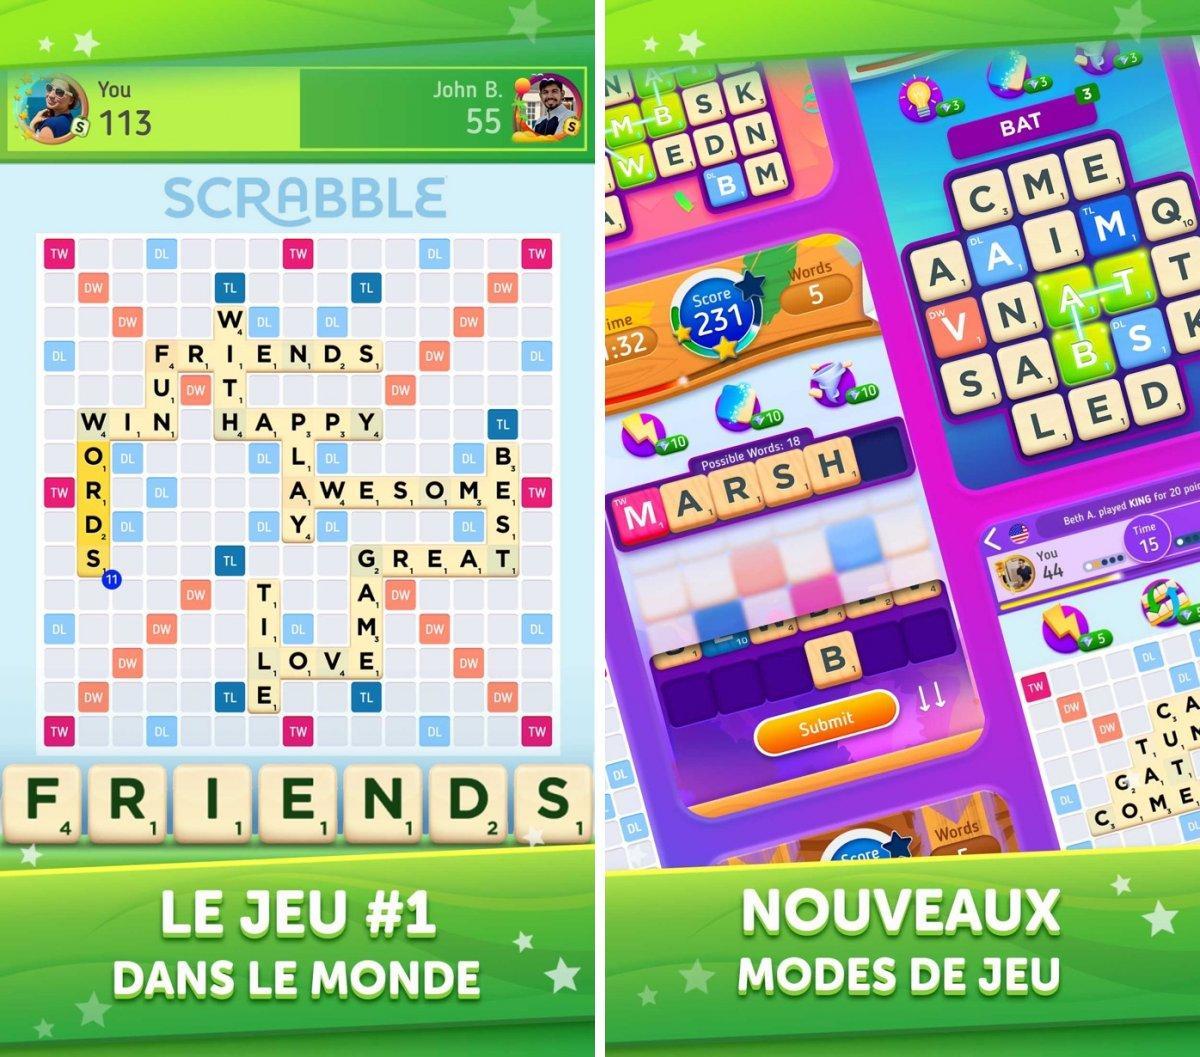 Scrabble Go : Le Célèbre Jeu De Mots S'invite Sur L'app destiné Jeux Gratuit De Mots